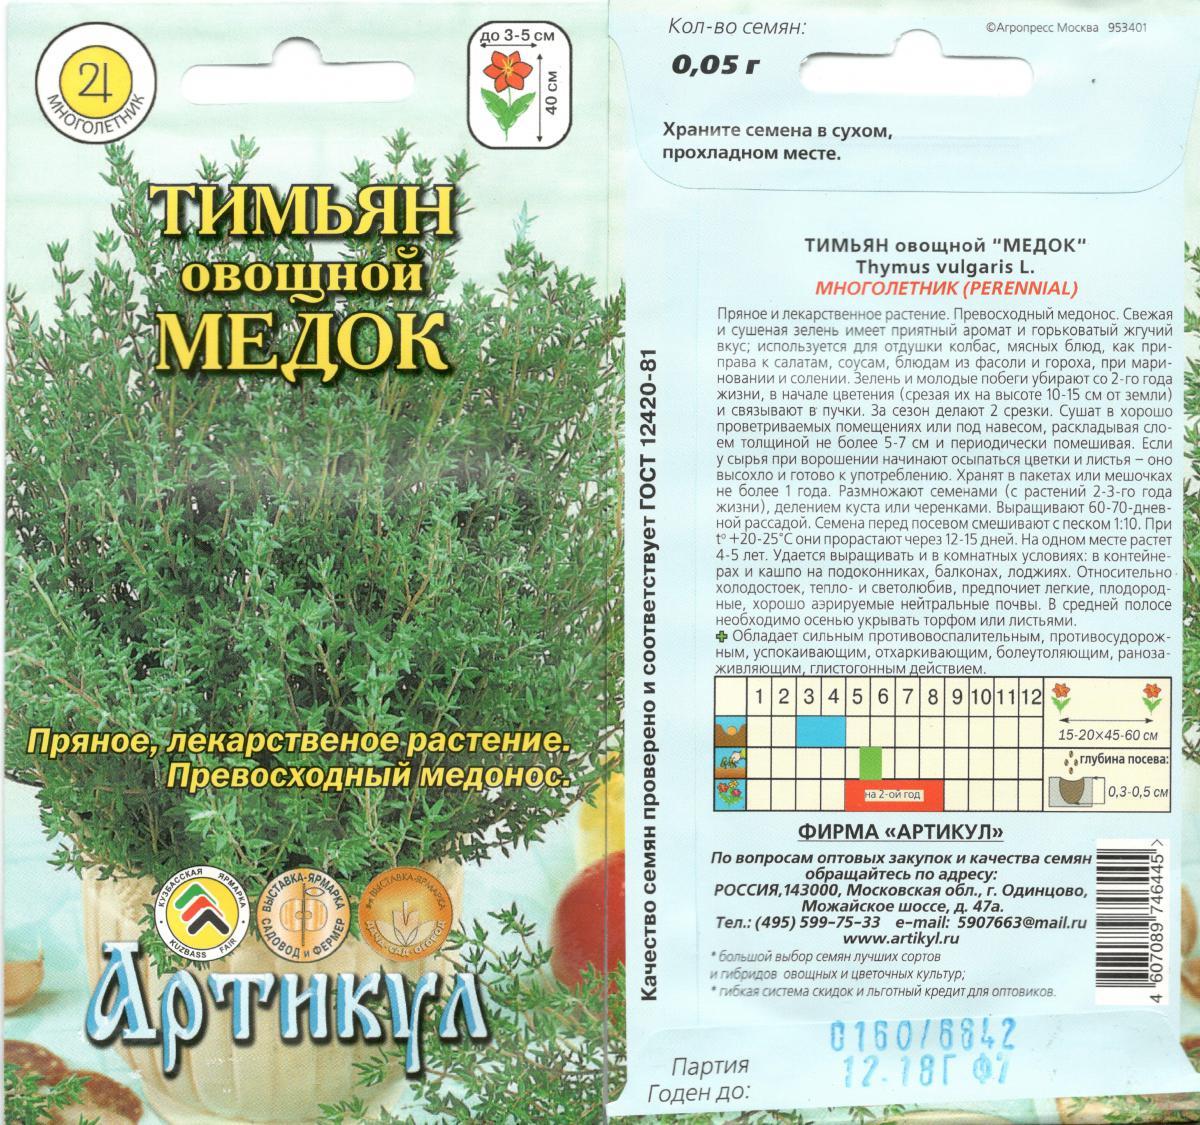 Тимьян медок посадка и уход в открытом грунте - сад и огород